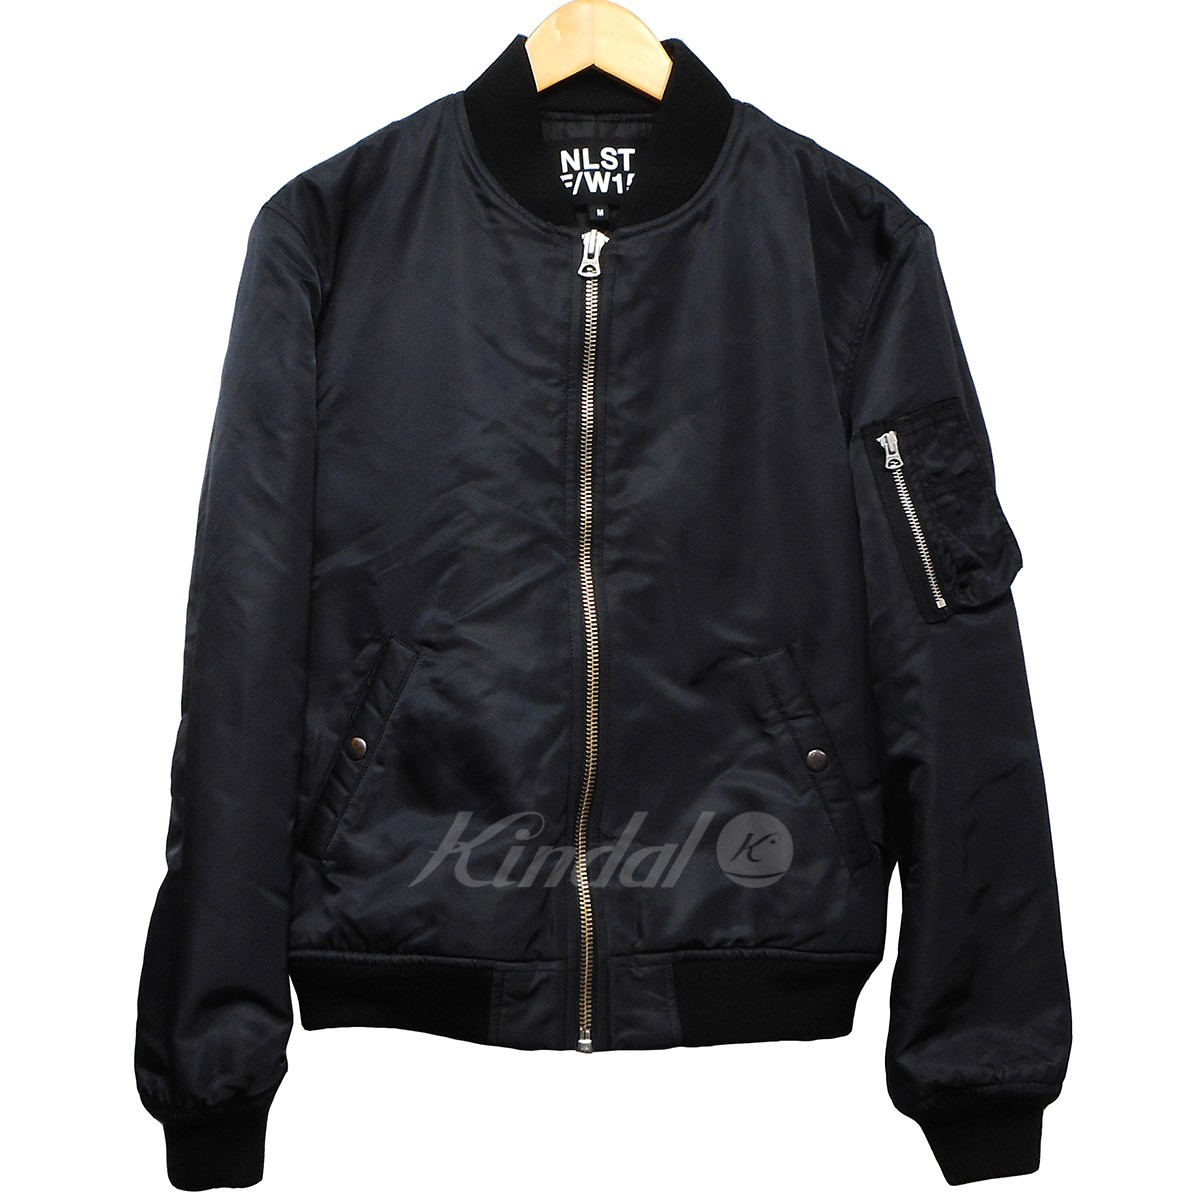 【中古】NLST15AW MA-1フライトジャケット ブラック サイズ:M【1月20日見直し】